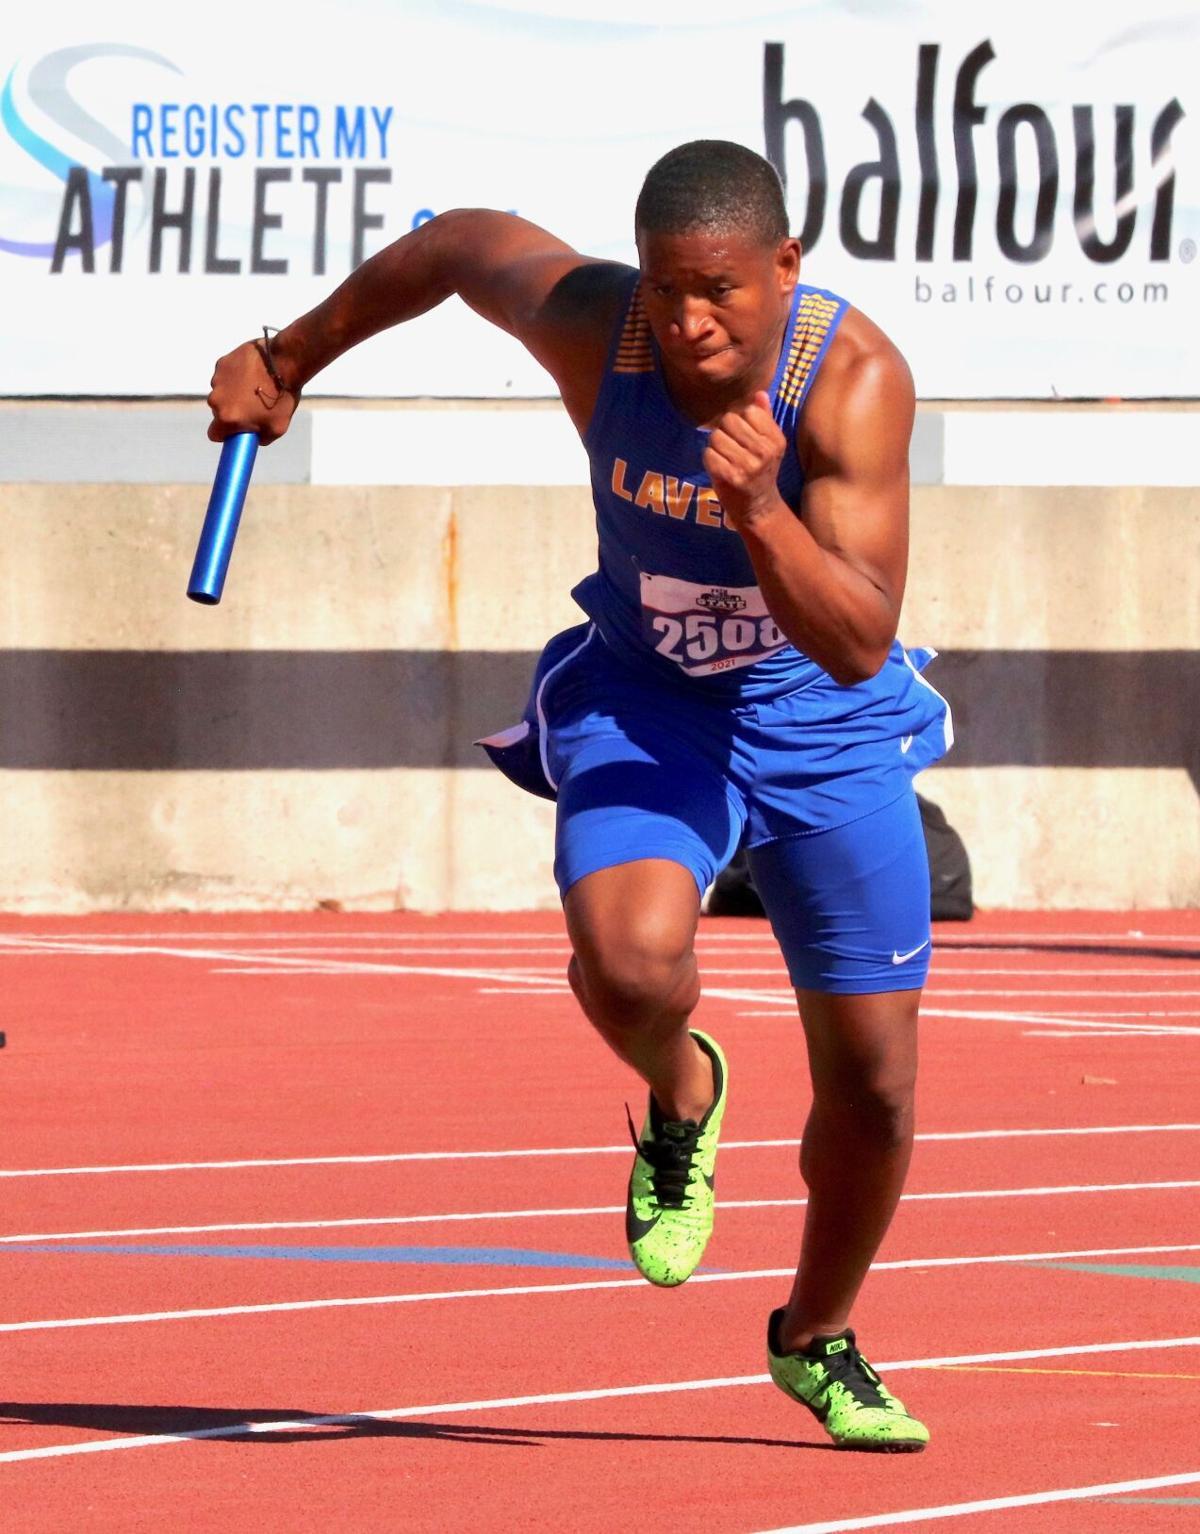 La Vega state track